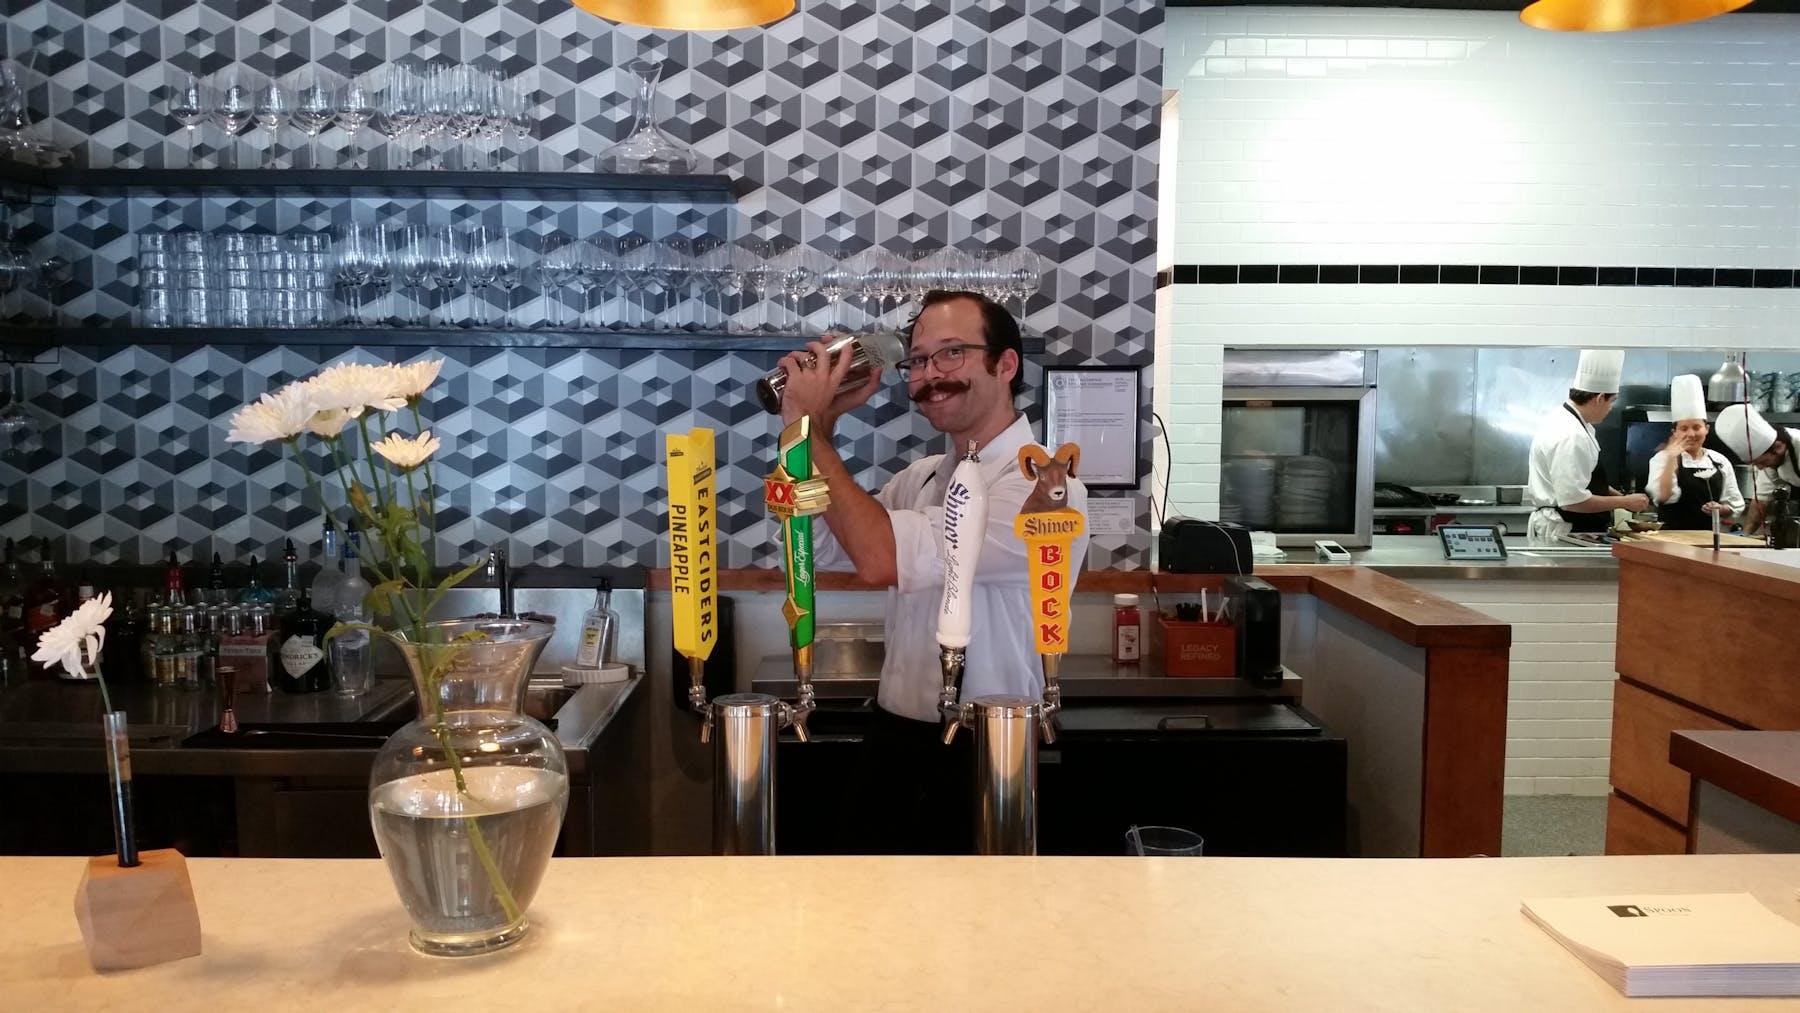 bartender preps drink